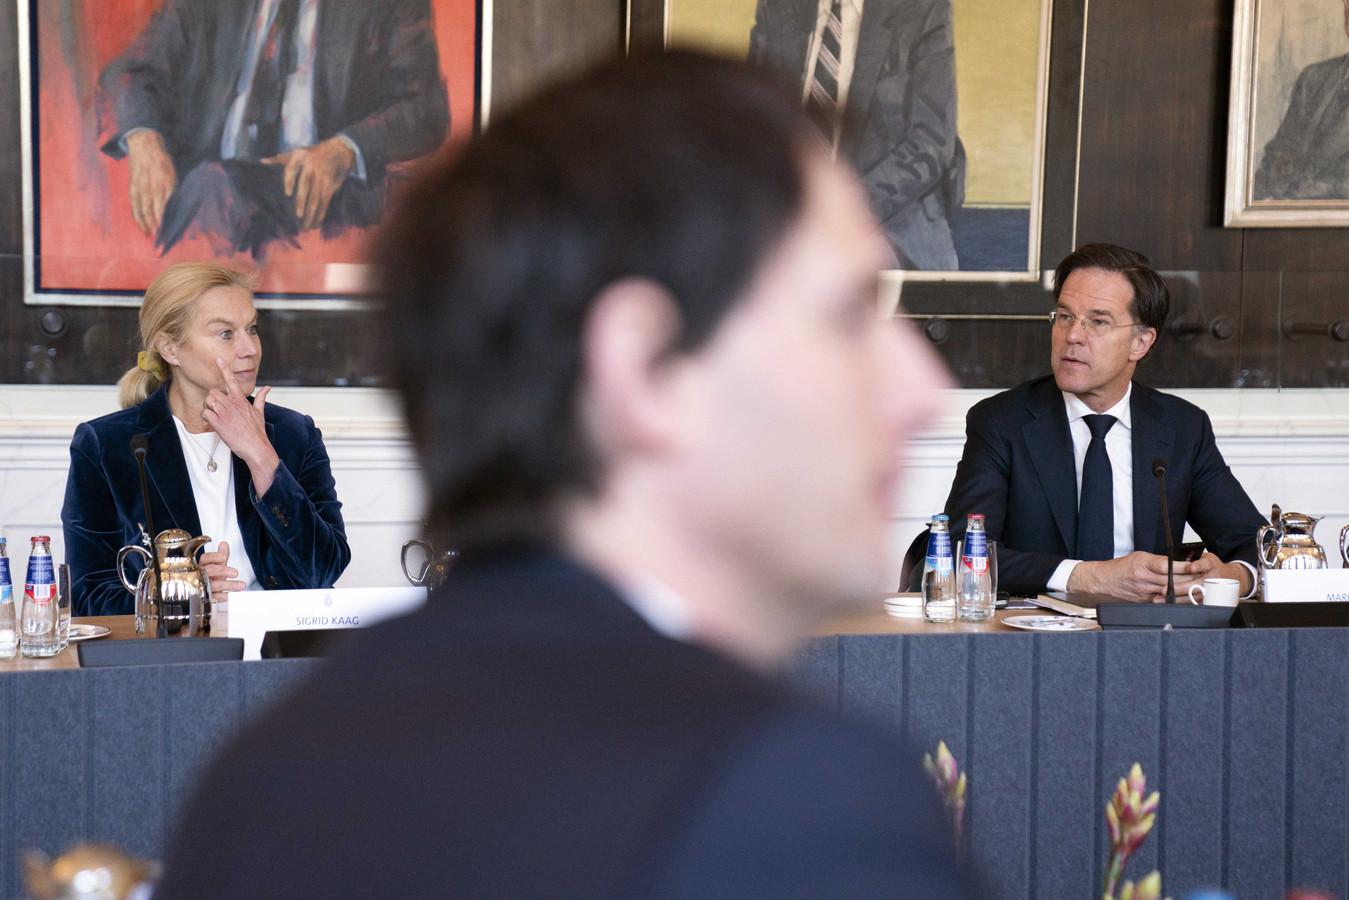 Van links naar rechts: Sigrid Kaag (D66), Wopke Hoekstra (CDA) en Mark Rutte (VVD).